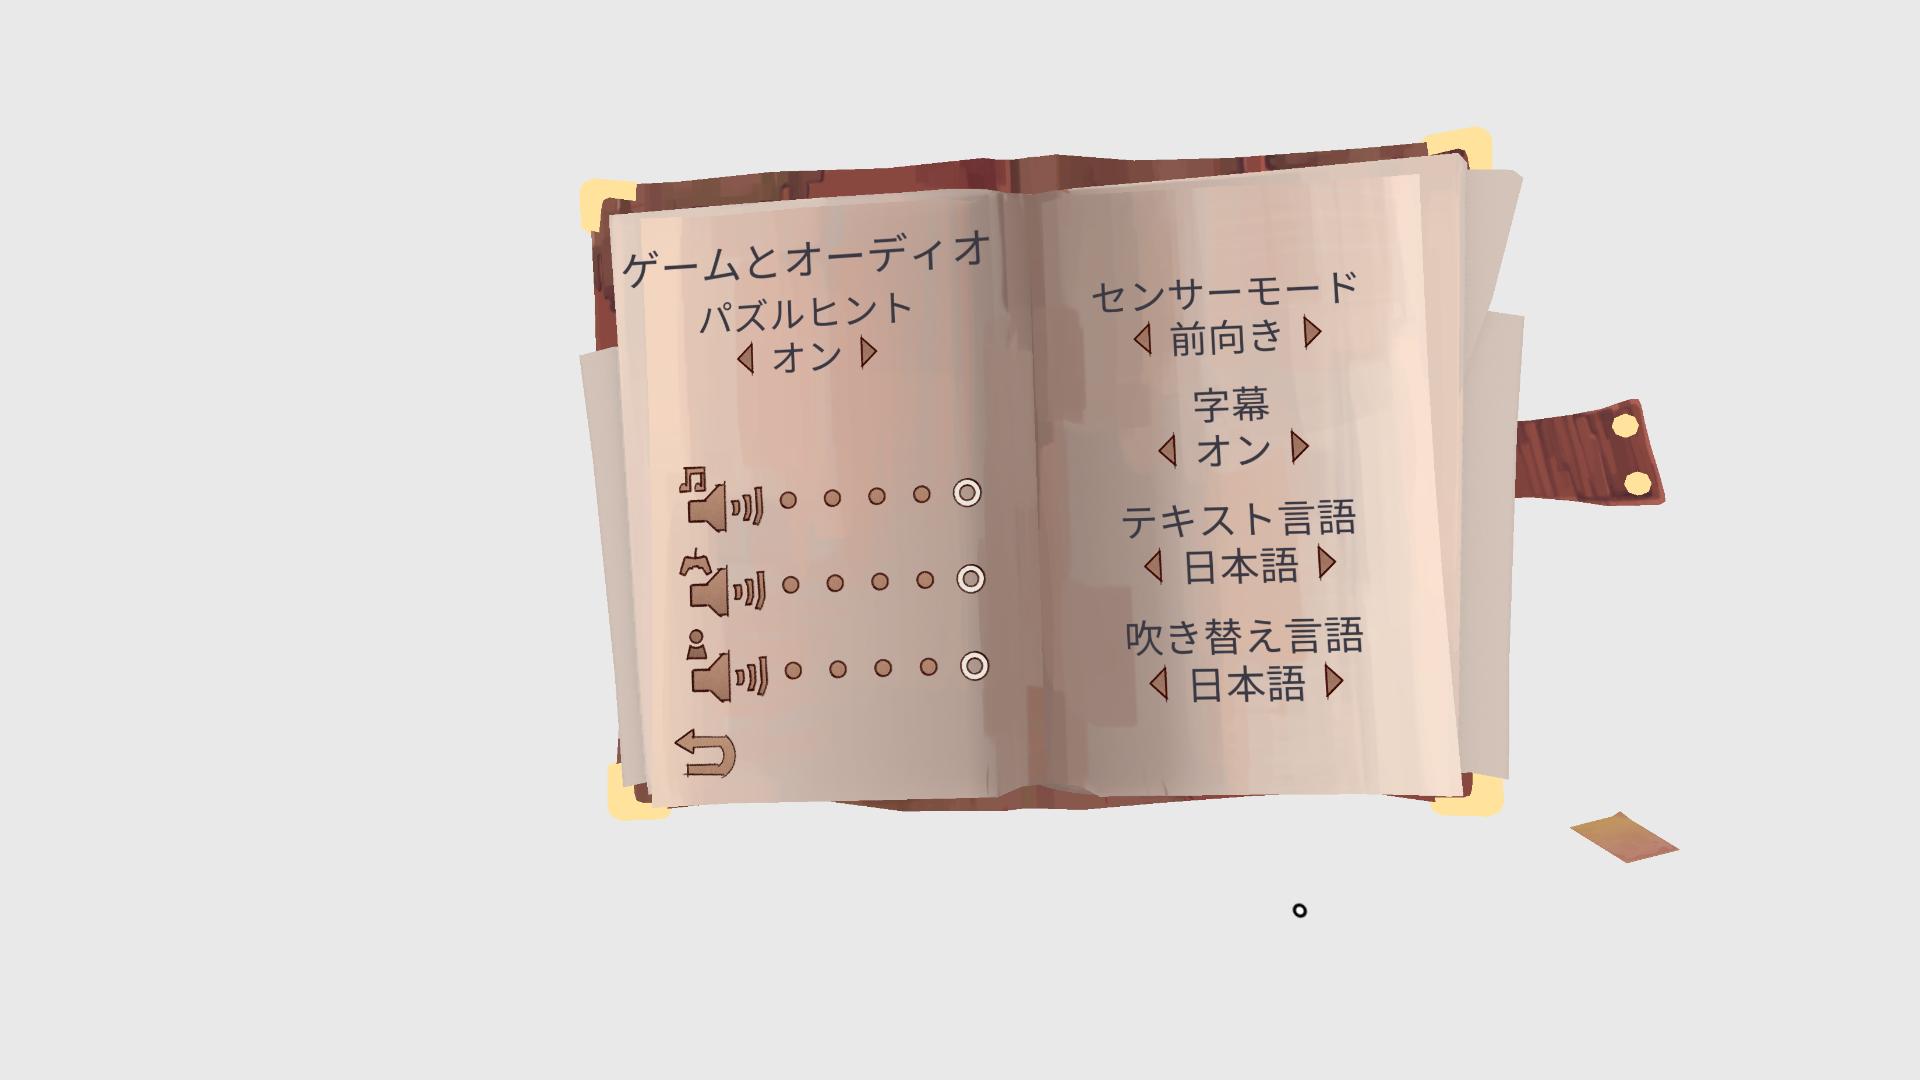 VRゲーム【Shadow Point】は日本語対応しています!